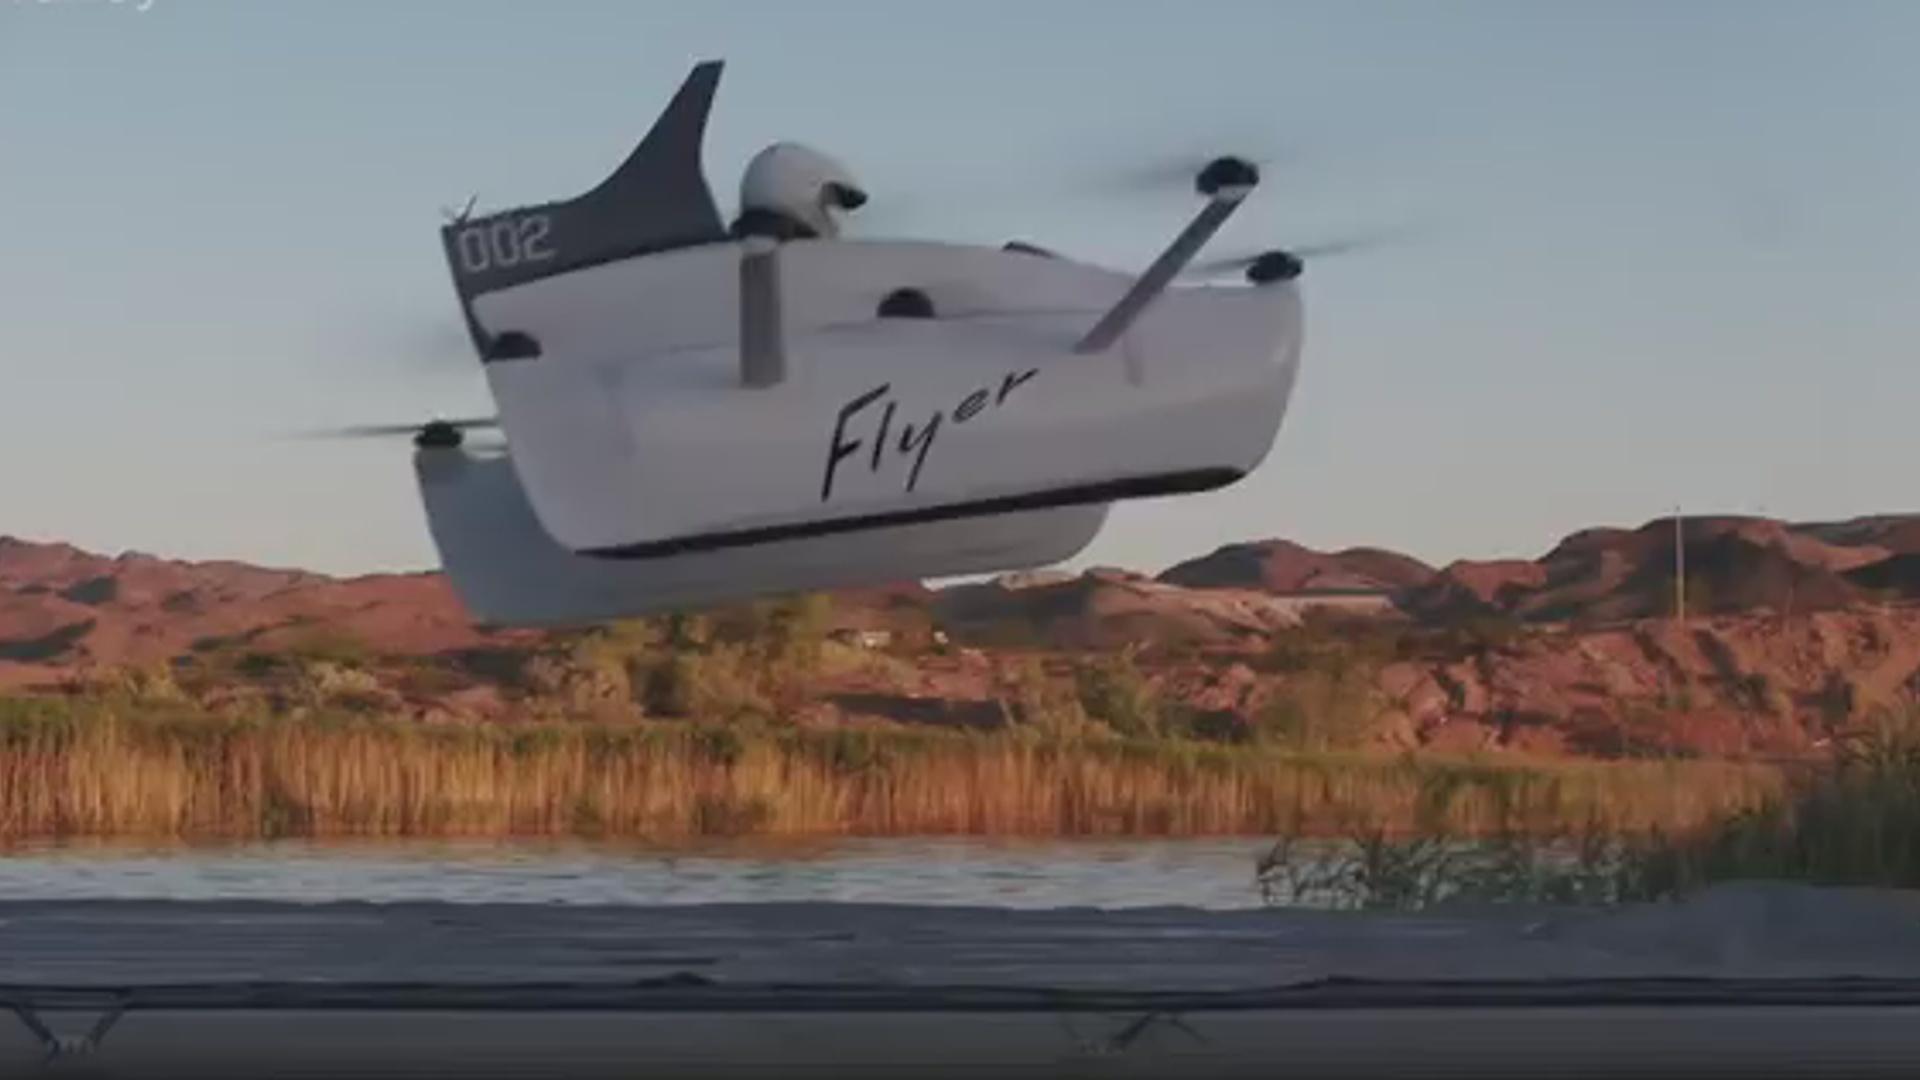 Birnəfərlik uçan aparat saatda 30 km sürətlə hərəkət edir